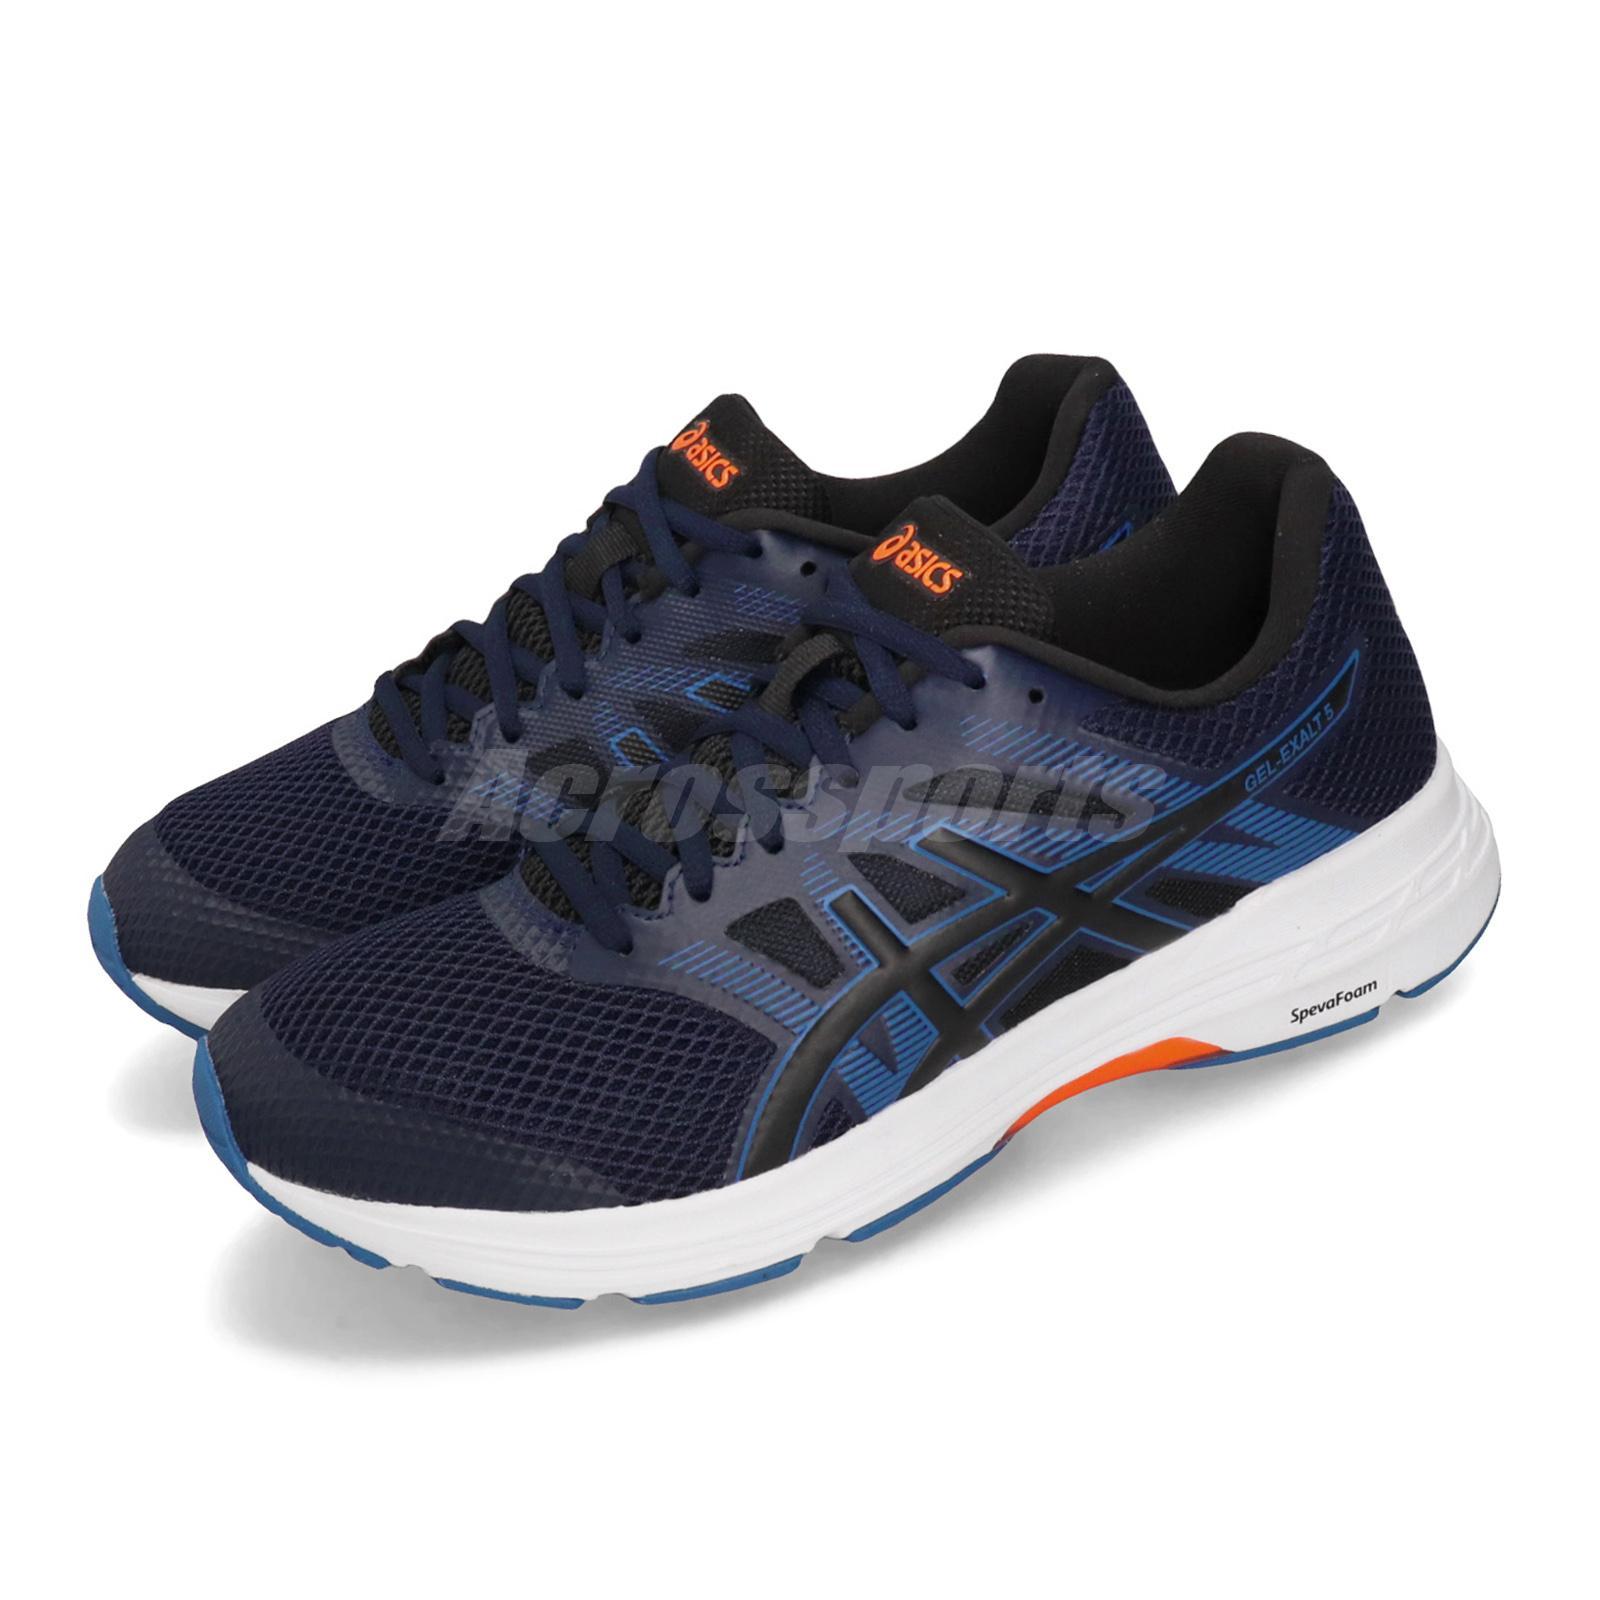 Asics Gel-Exalt 5 Peacoat Blue White Men Running Shoes Sneakers 1011A162-401